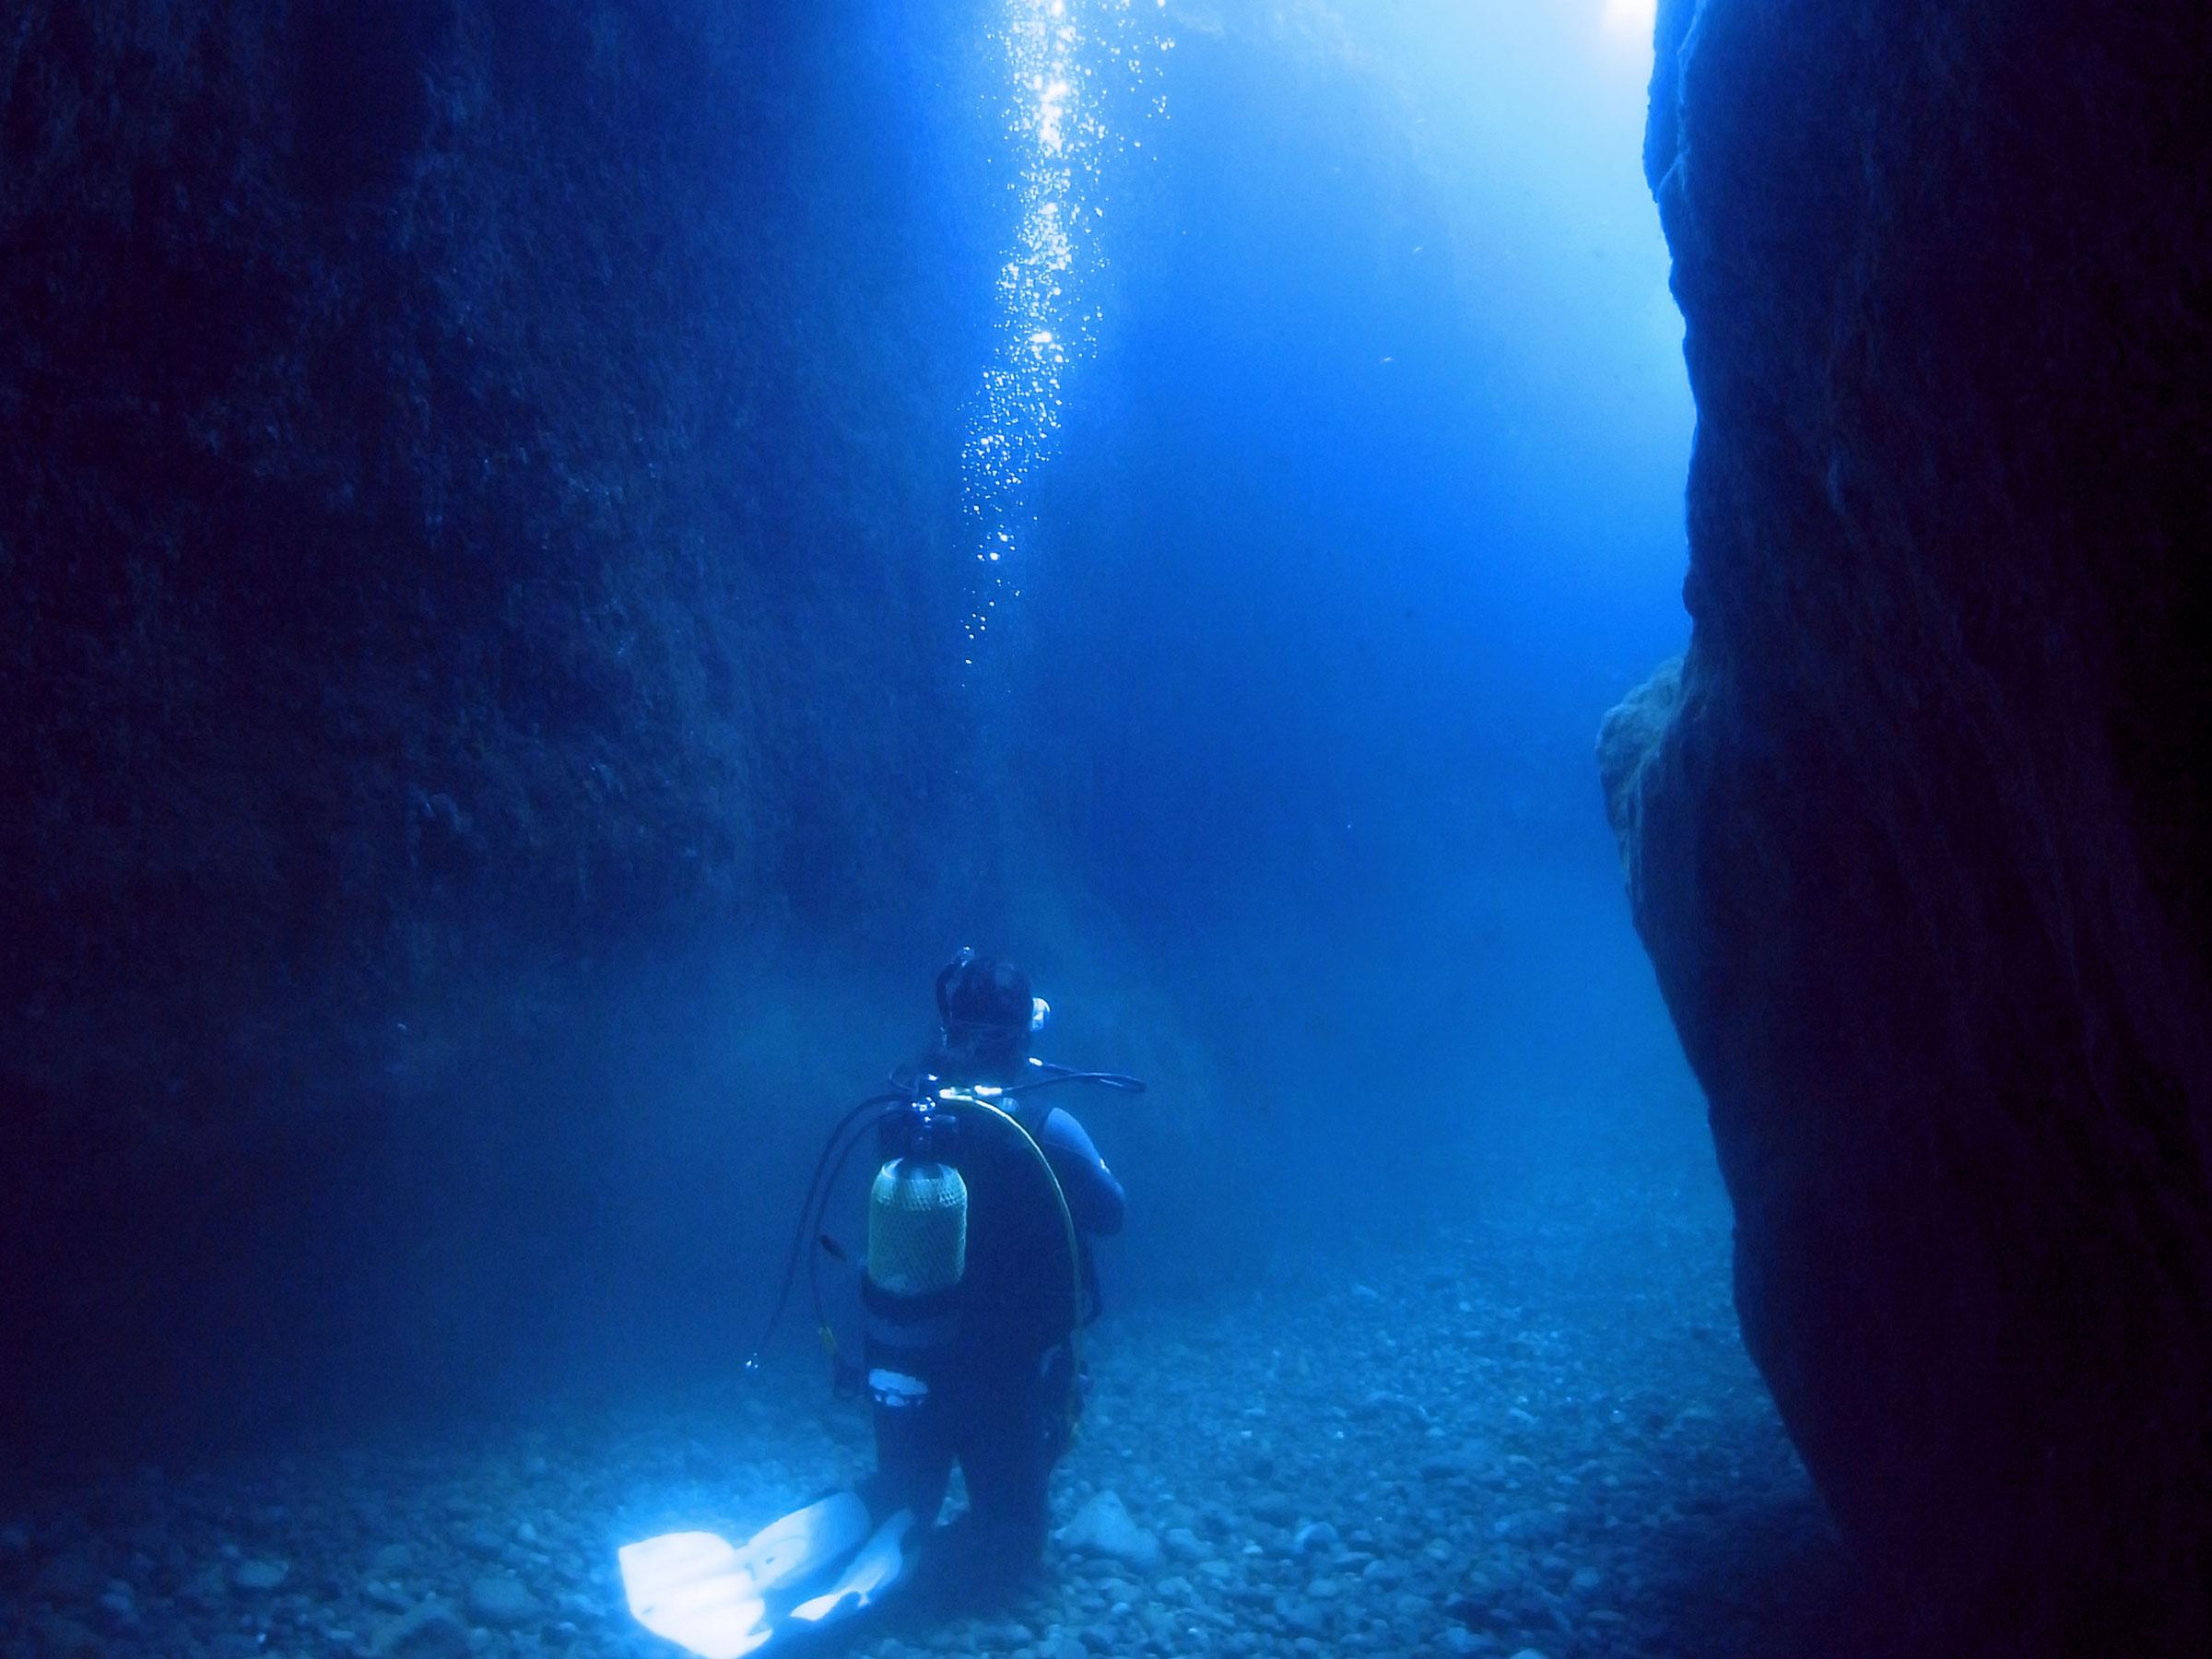 いつか行きたい! 夏の絶景 日本にある「青の洞窟」3スポット